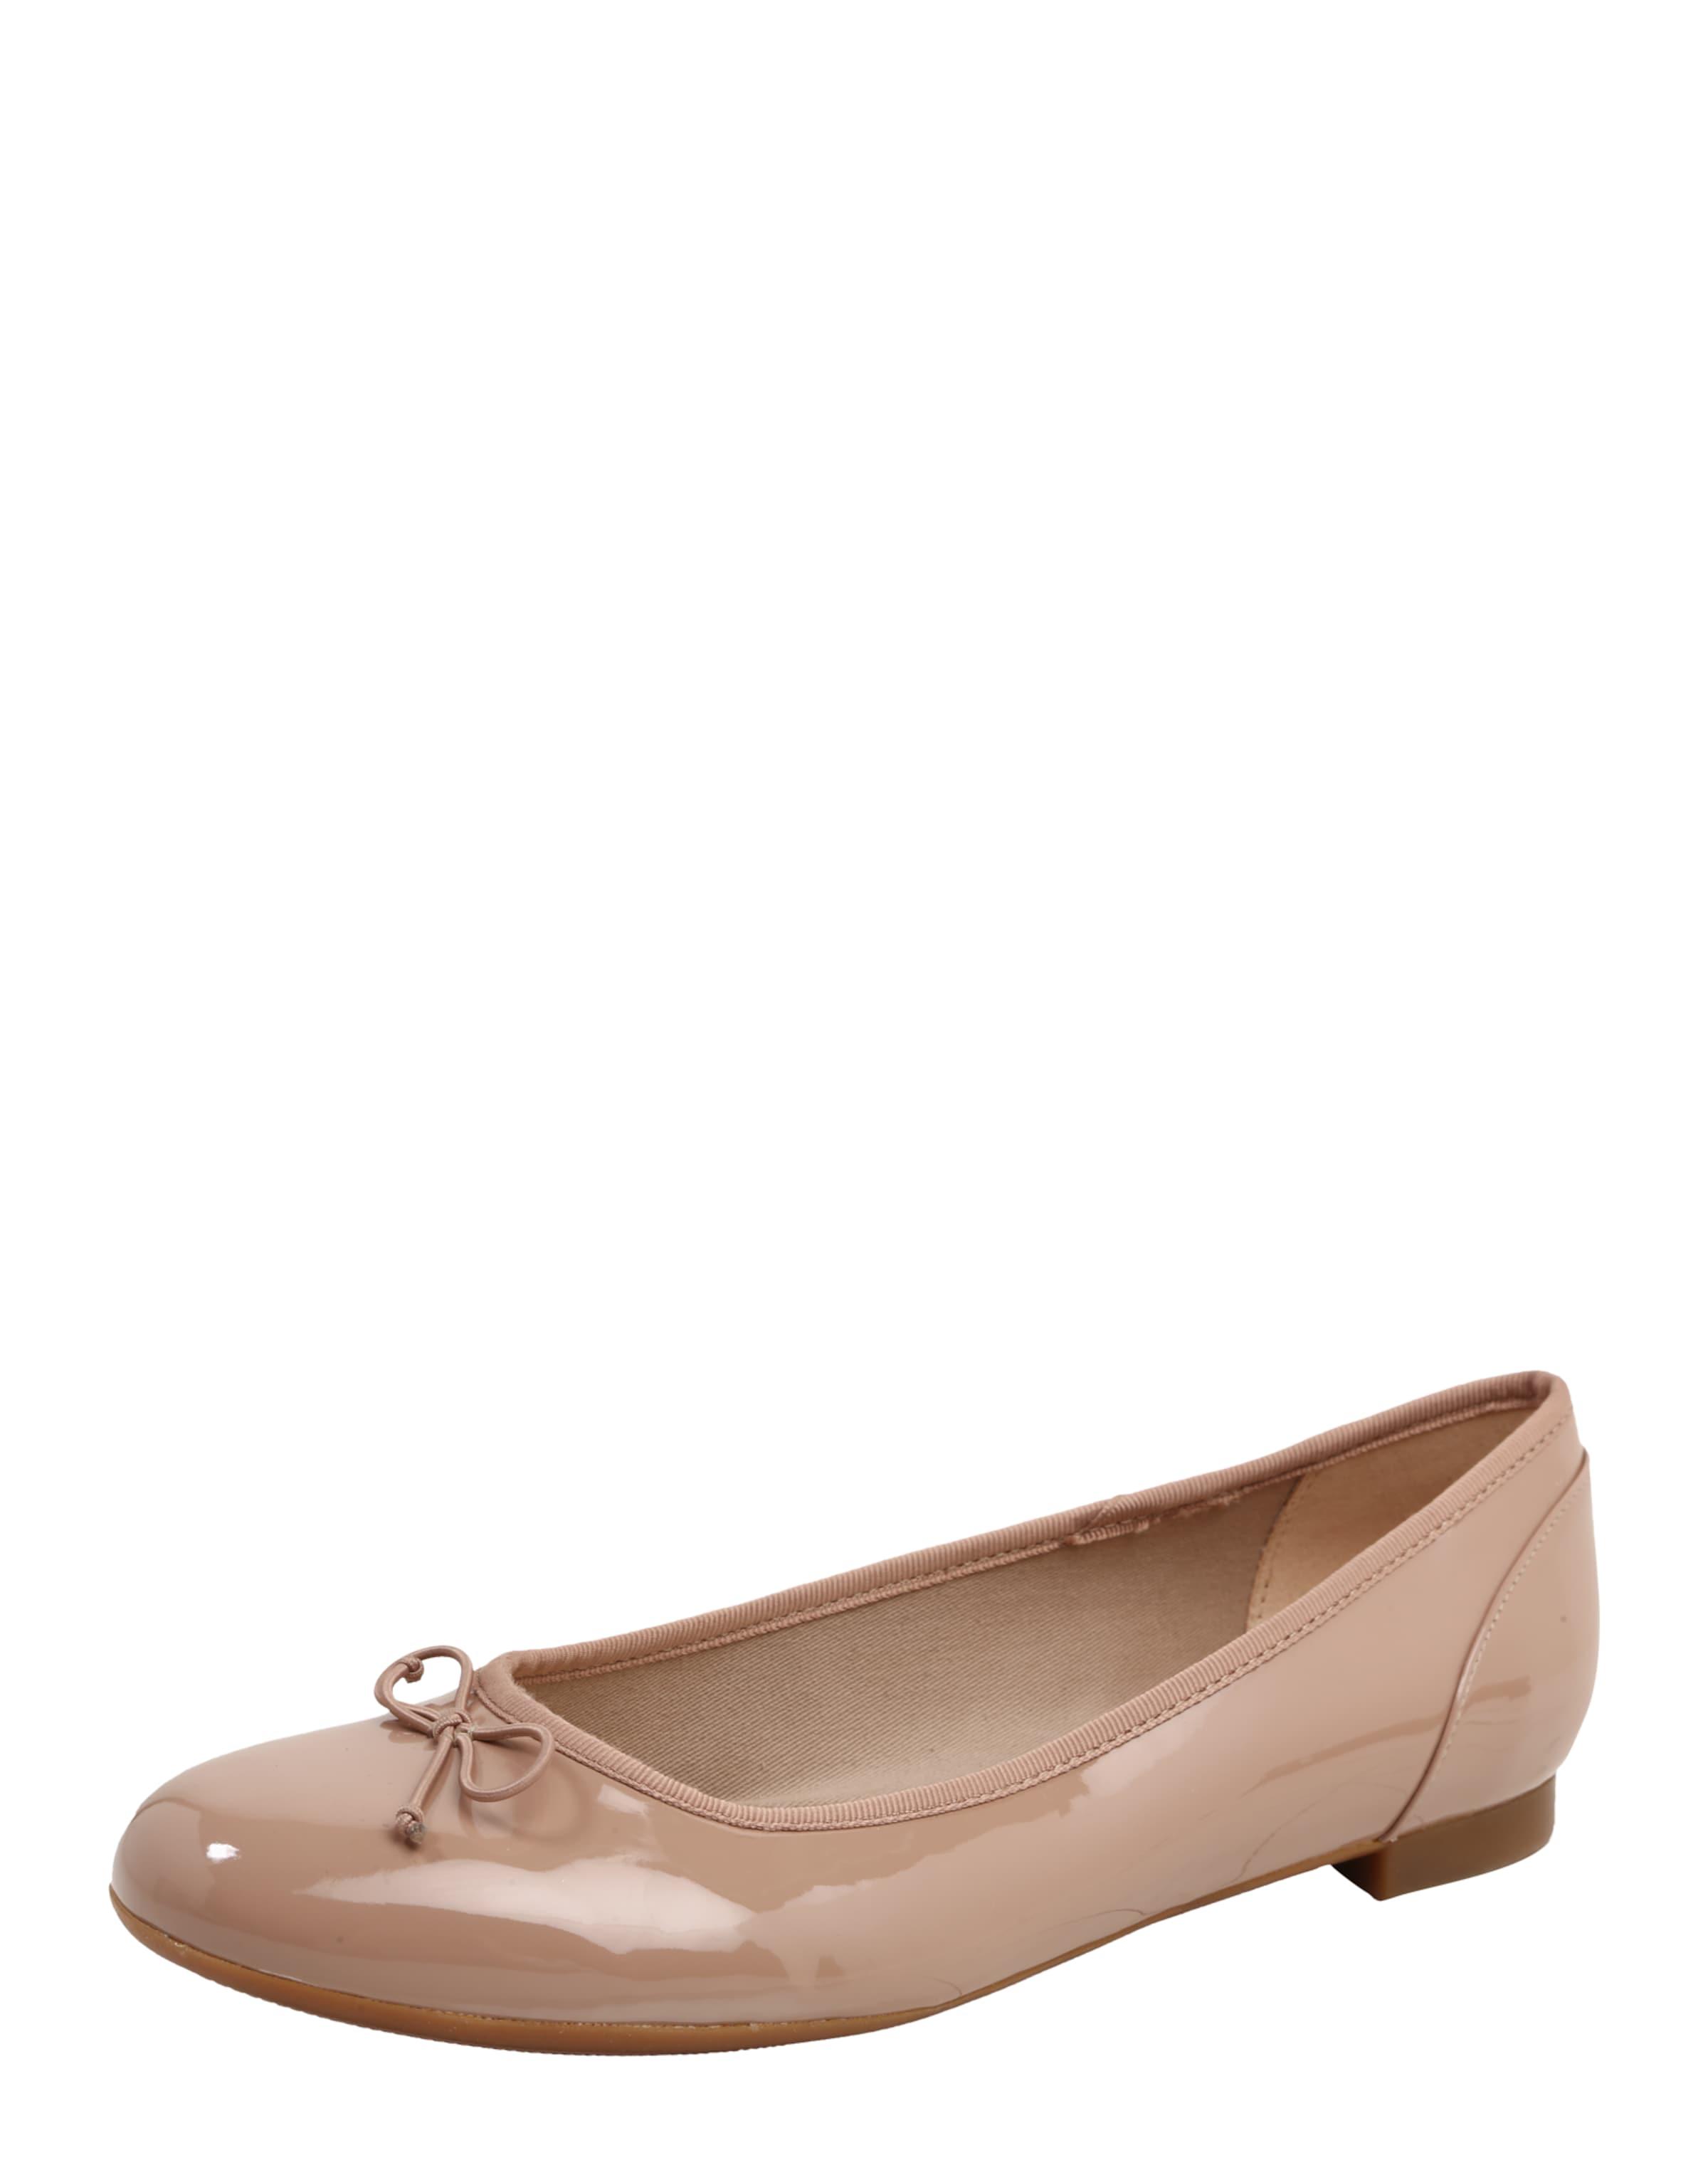 CLARKS Ballerina 'Couture bloom' mit Schleife Günstig Kaufen Vorbestellung zIdnvay